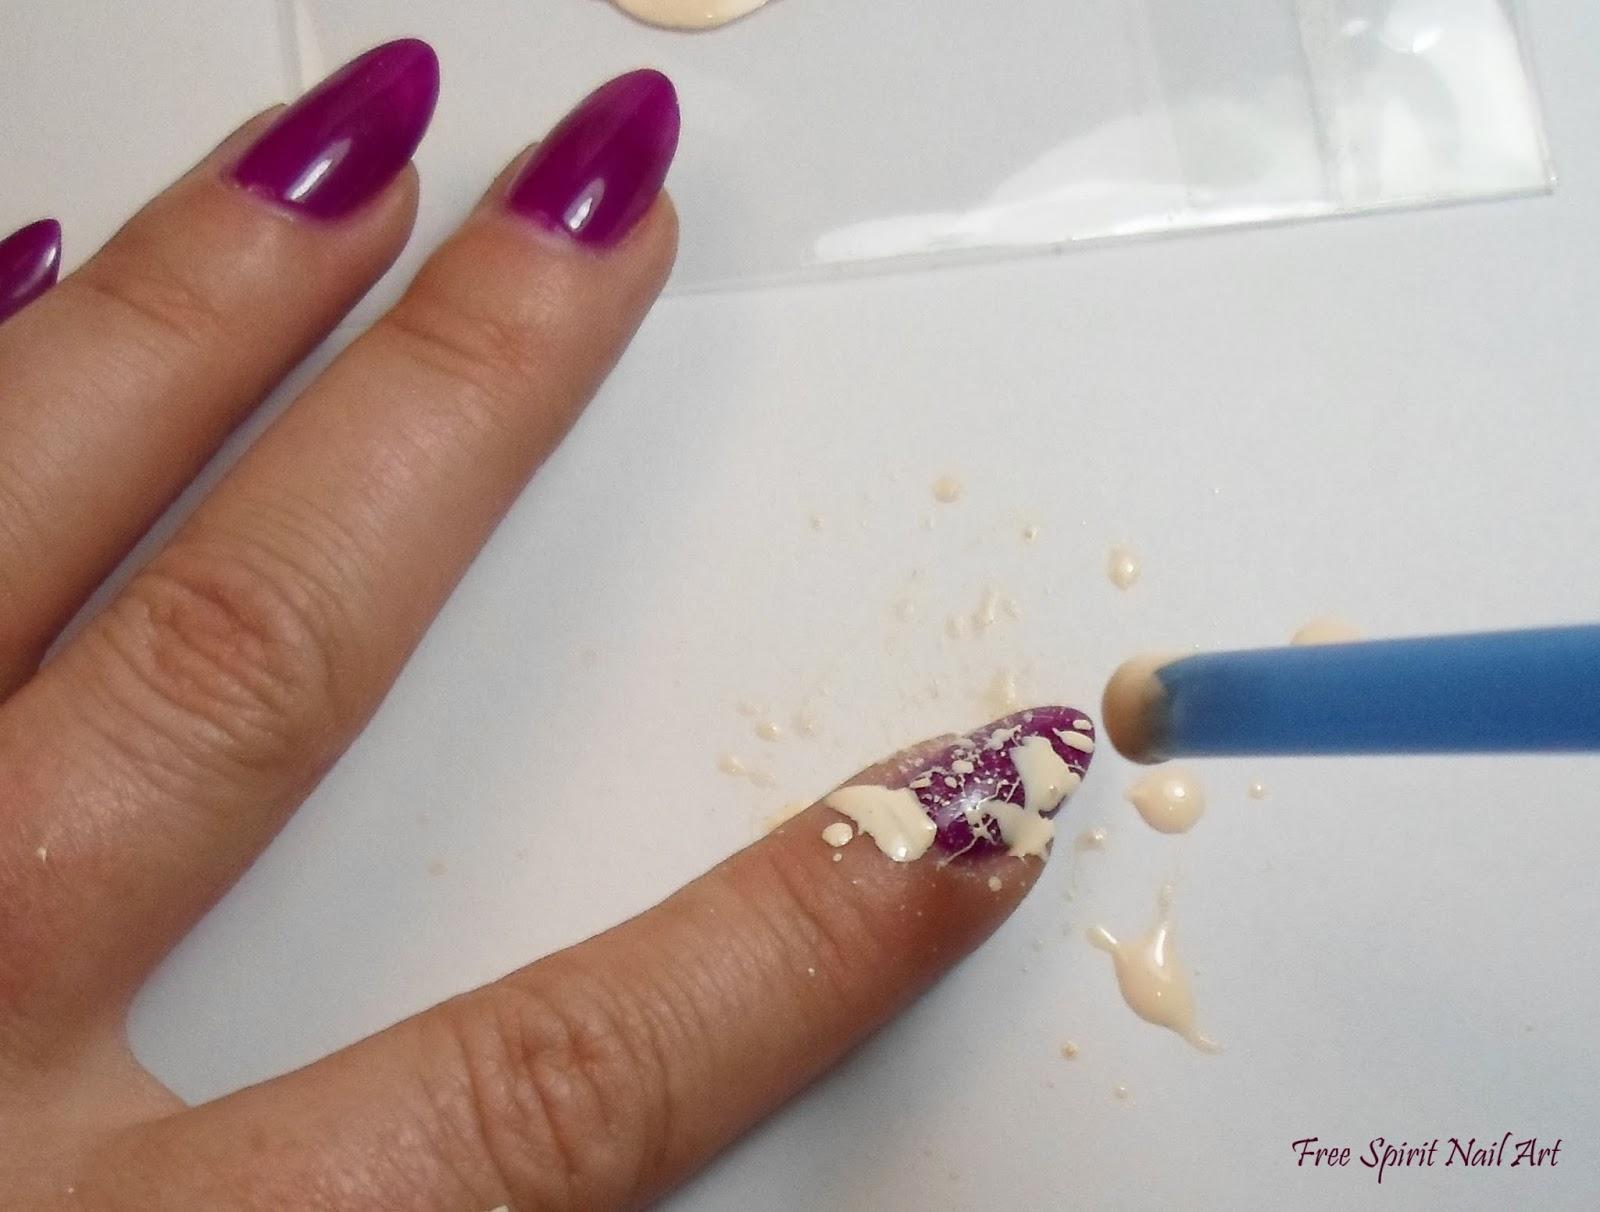 Free Spirit Nail Art Splatter Nail Art Tutorial